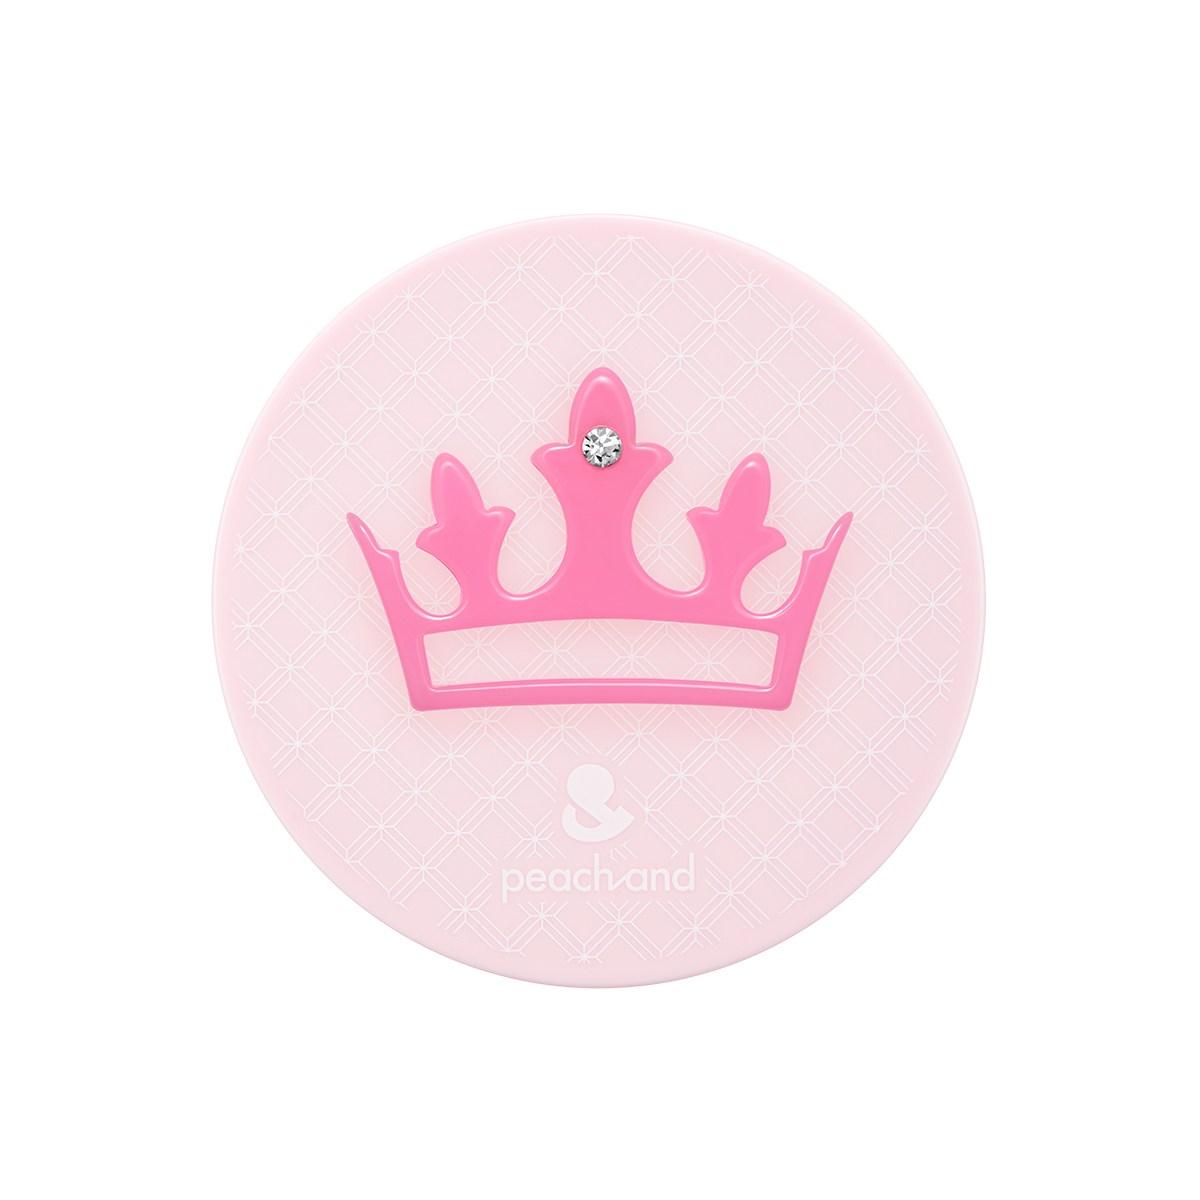 피치앤드 핑크 티아라 유아용선크림, 15g, 1개